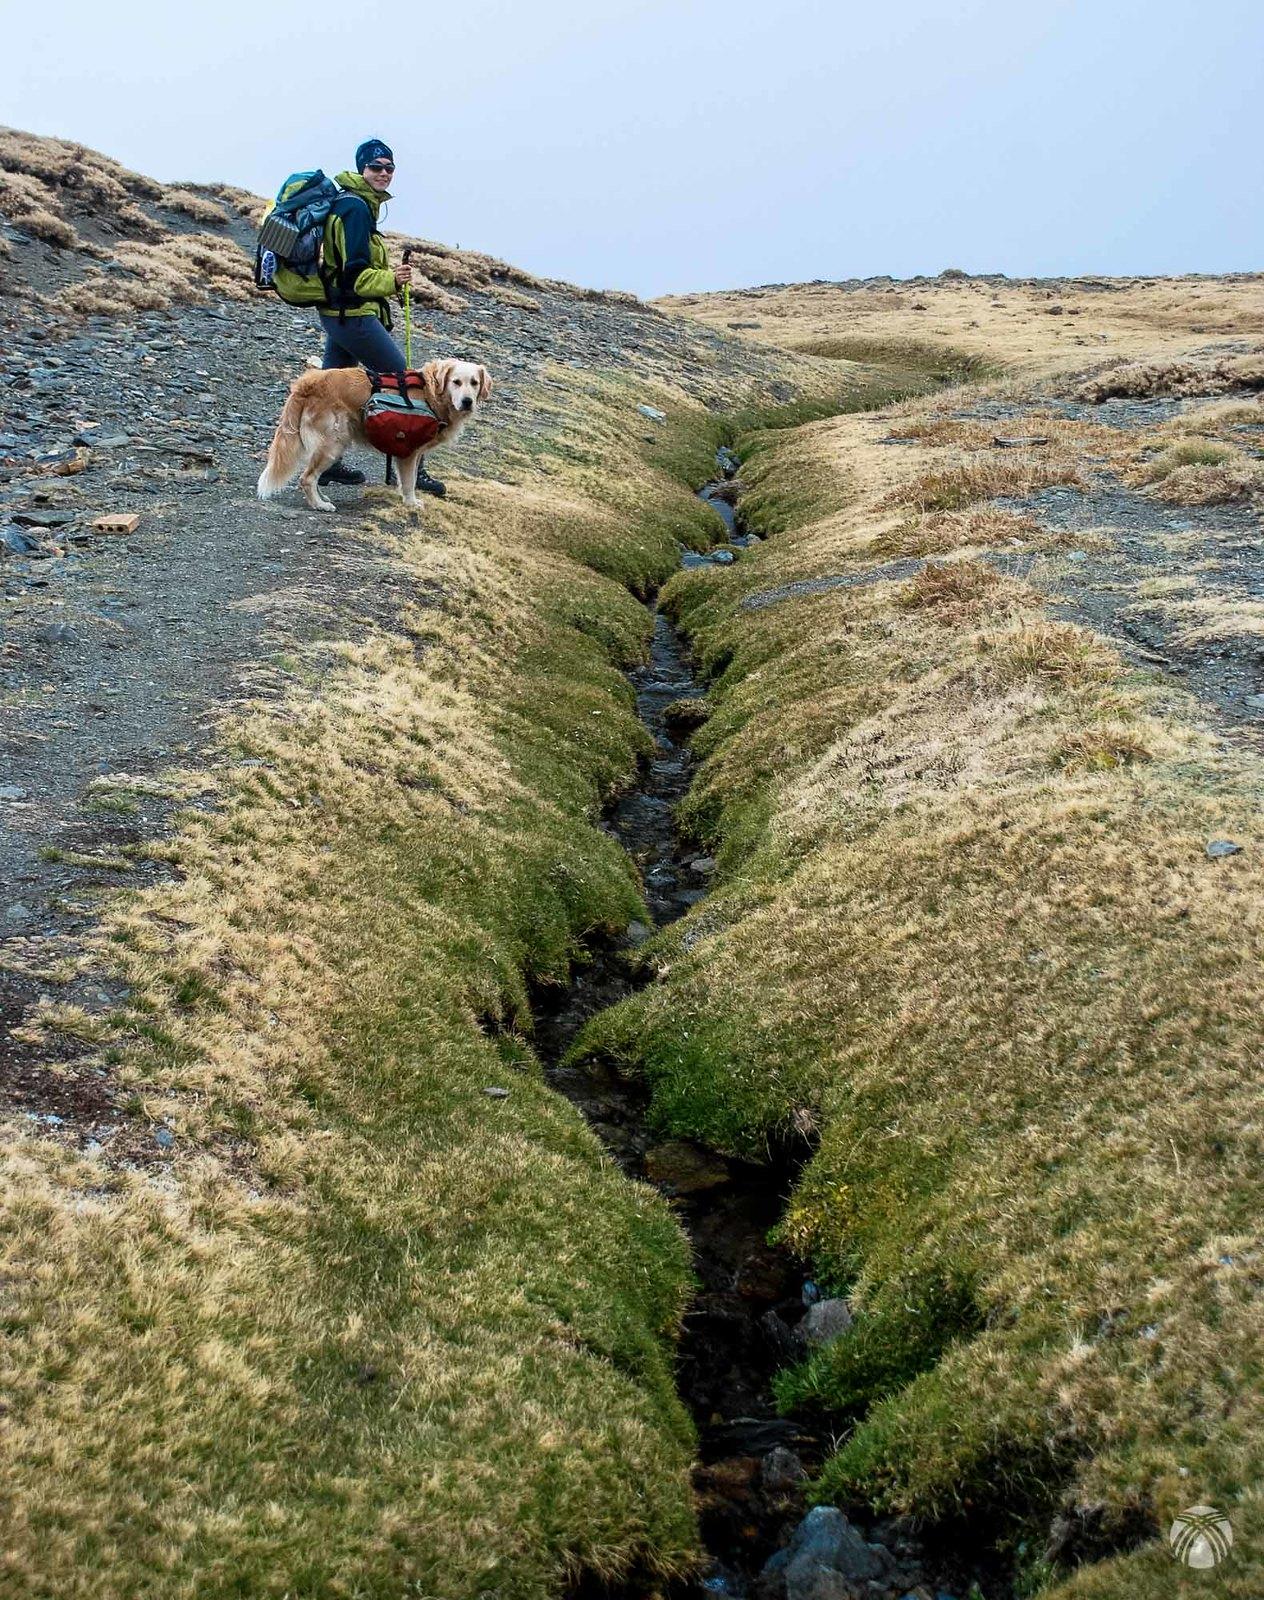 Los arroyos bajan casi secos